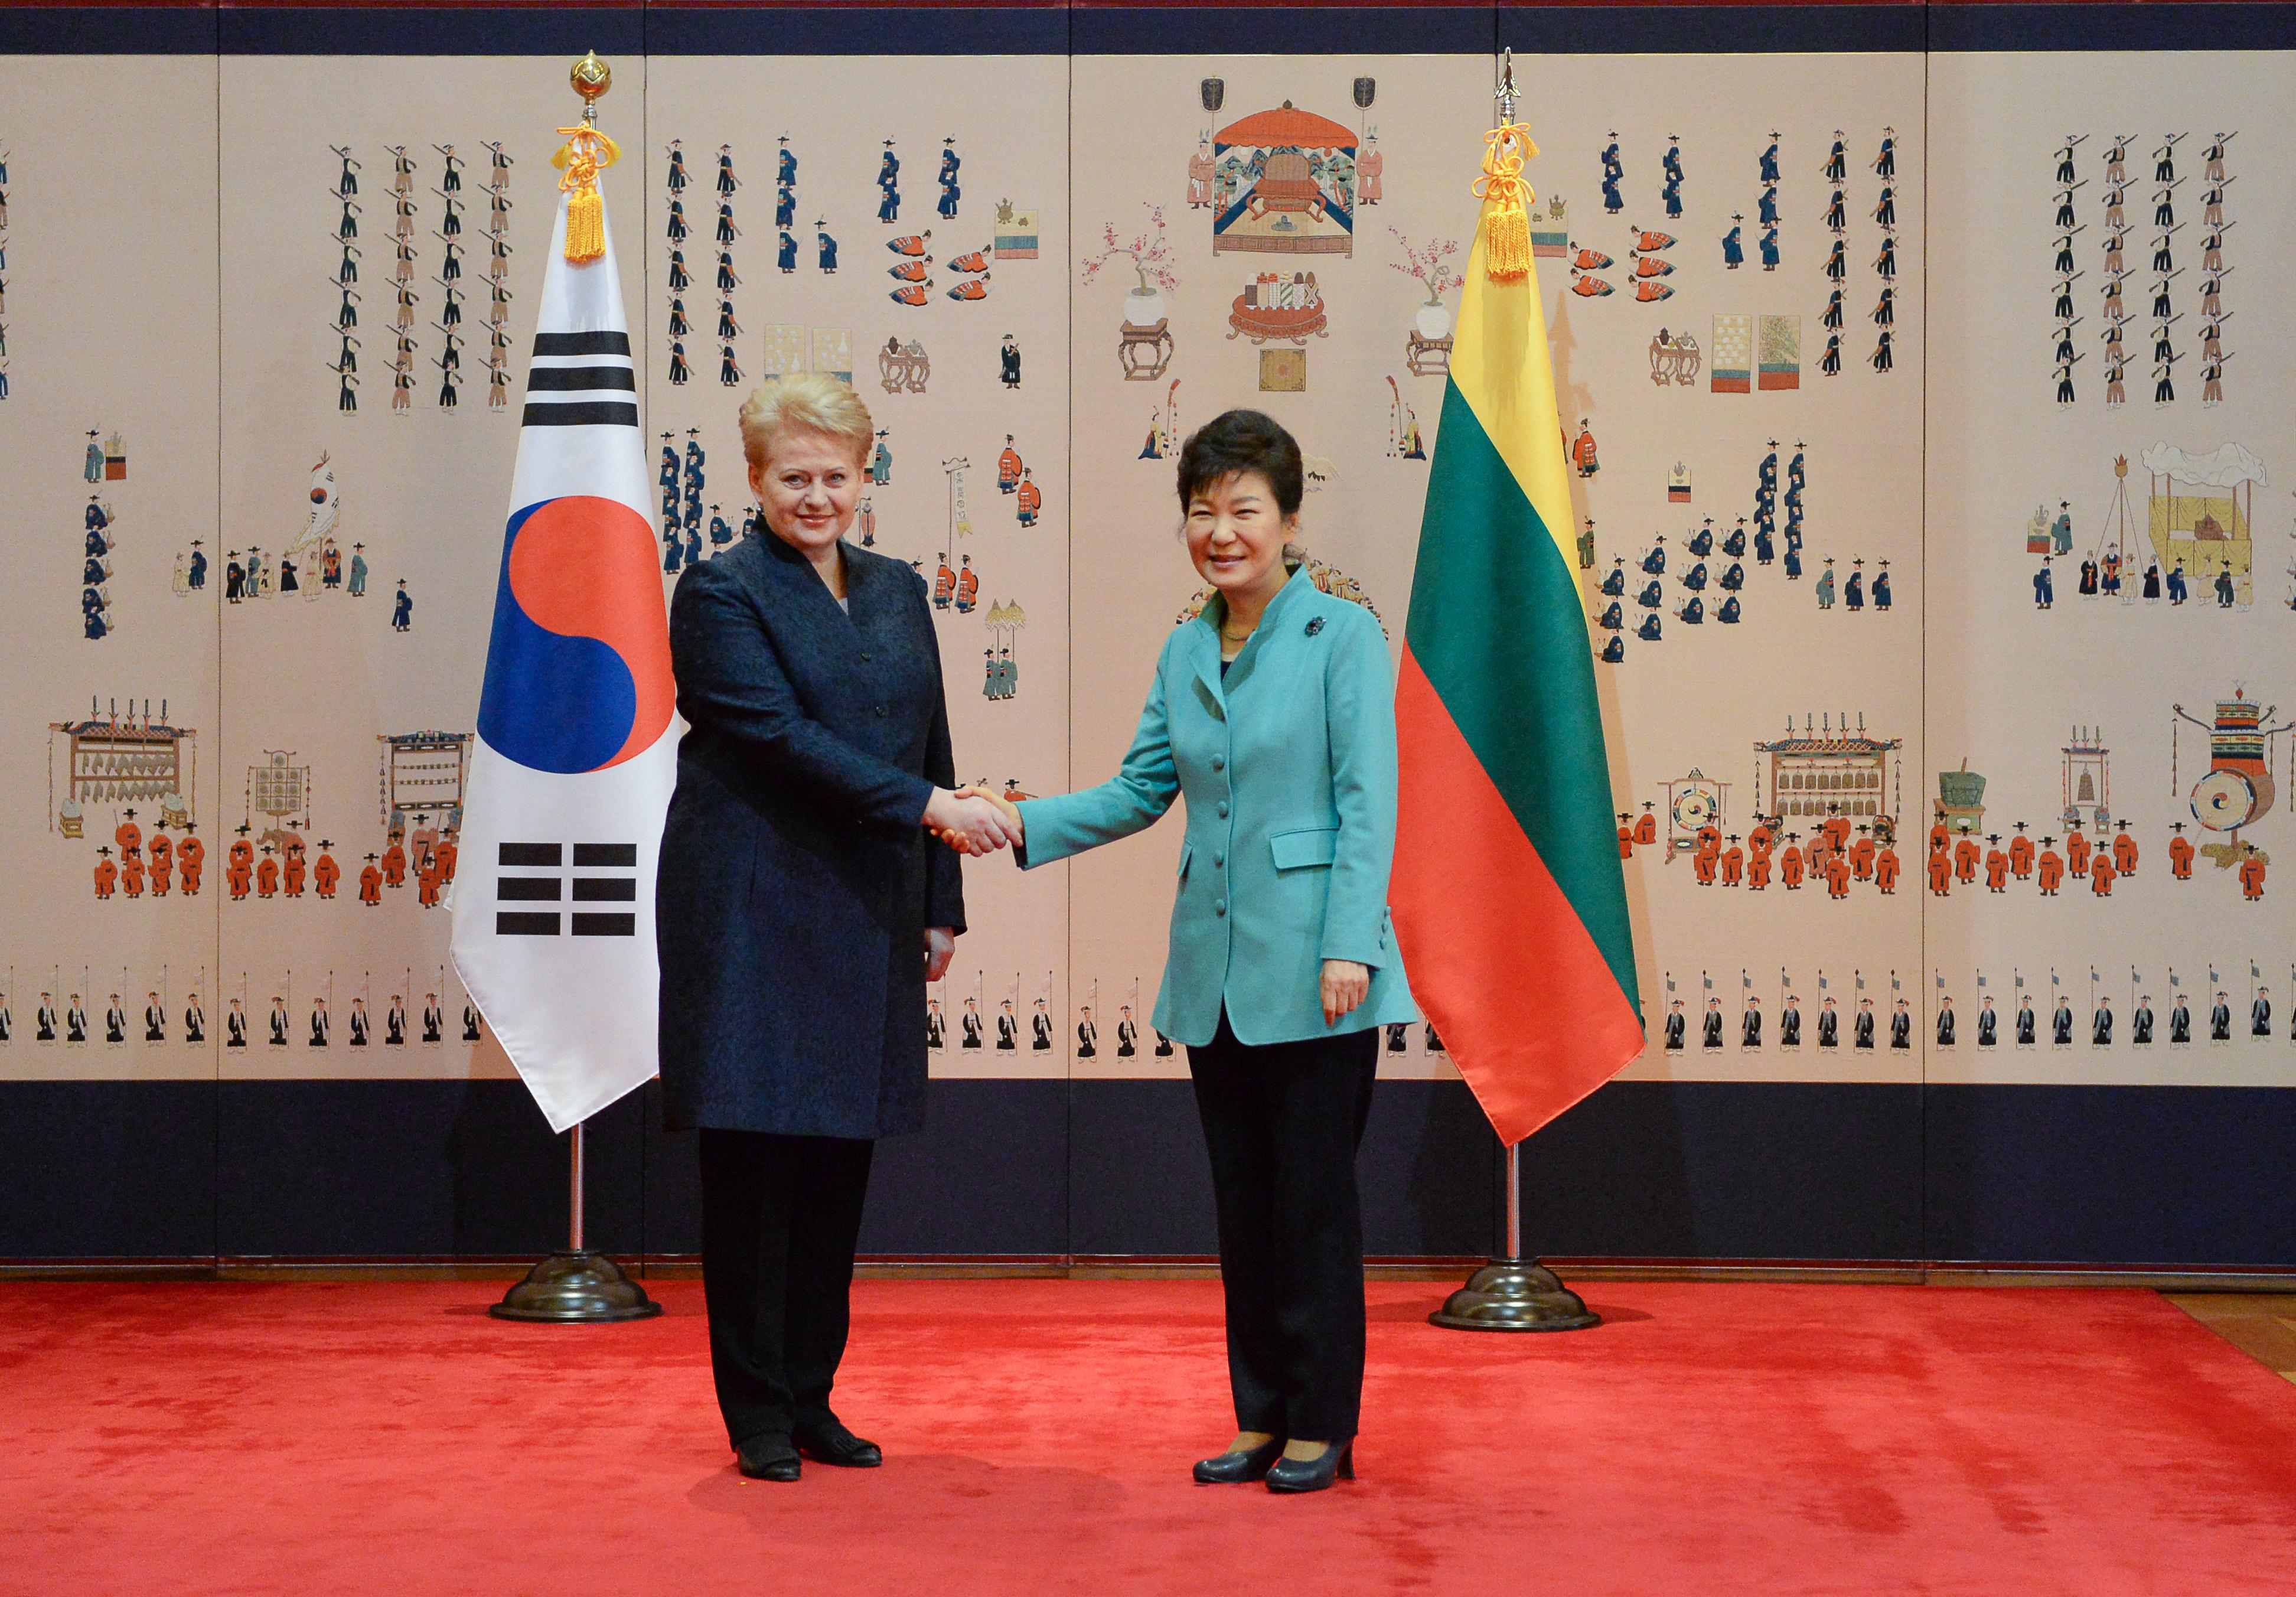 Lietuva ir P. Korėja: tautų skirtumai ir panašumai (I)